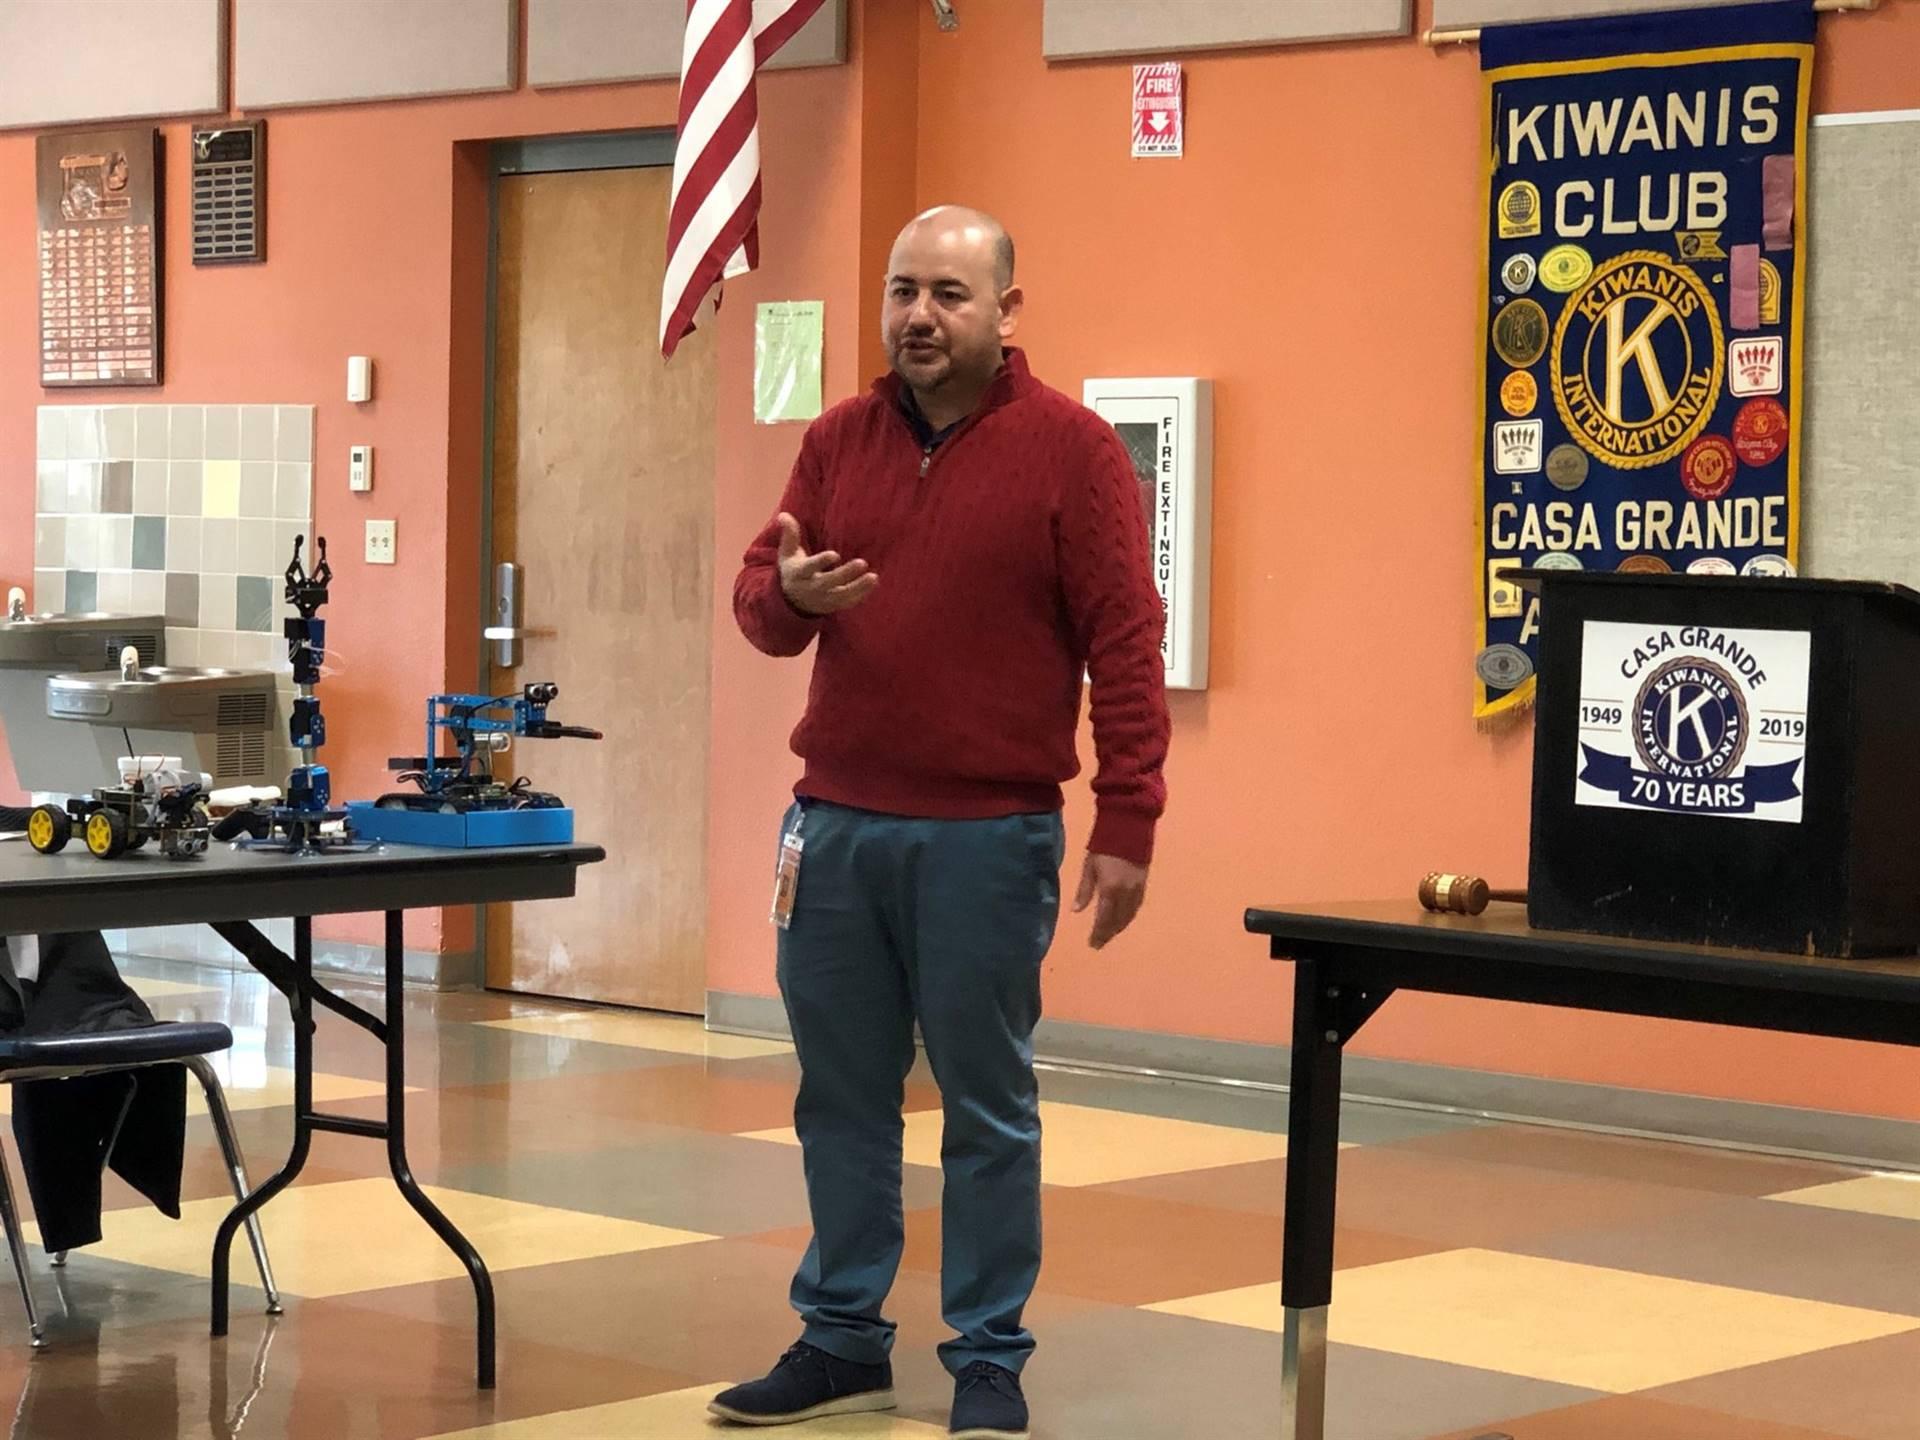 Estrada Vega Kiwanis Club Meeting 20191212